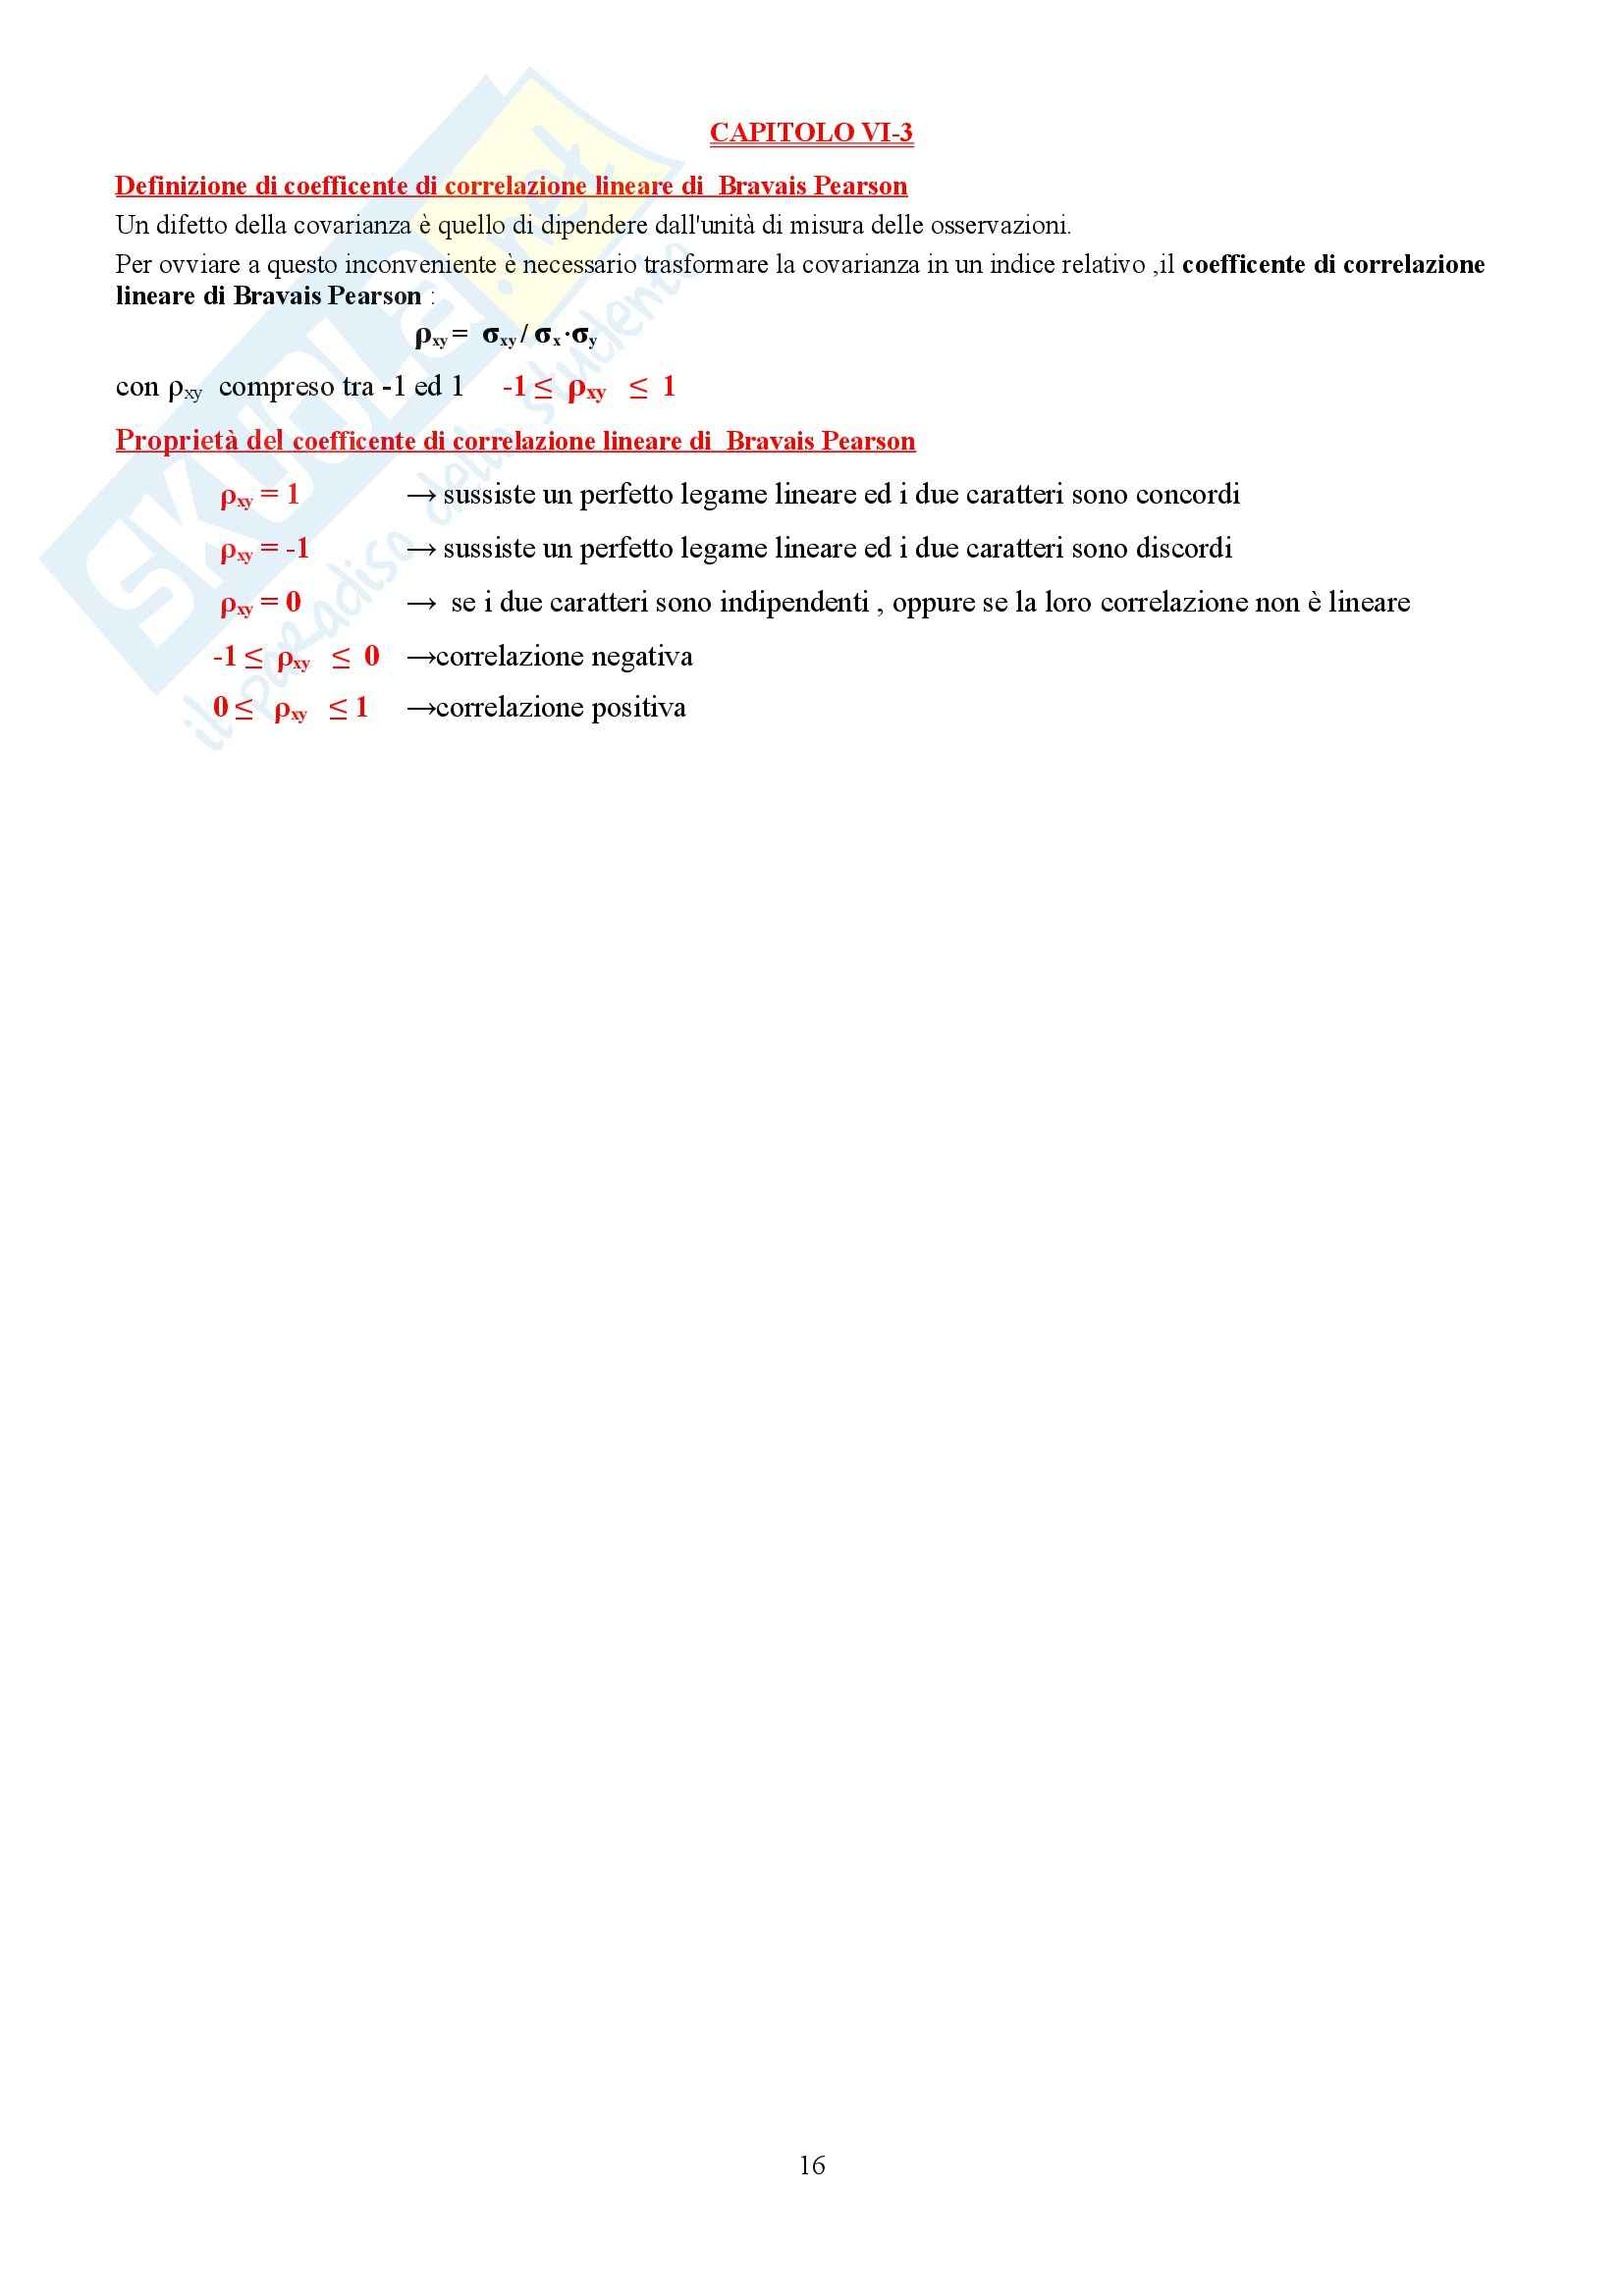 Riassunto esame Statistica, prof. Laureti Pag. 16